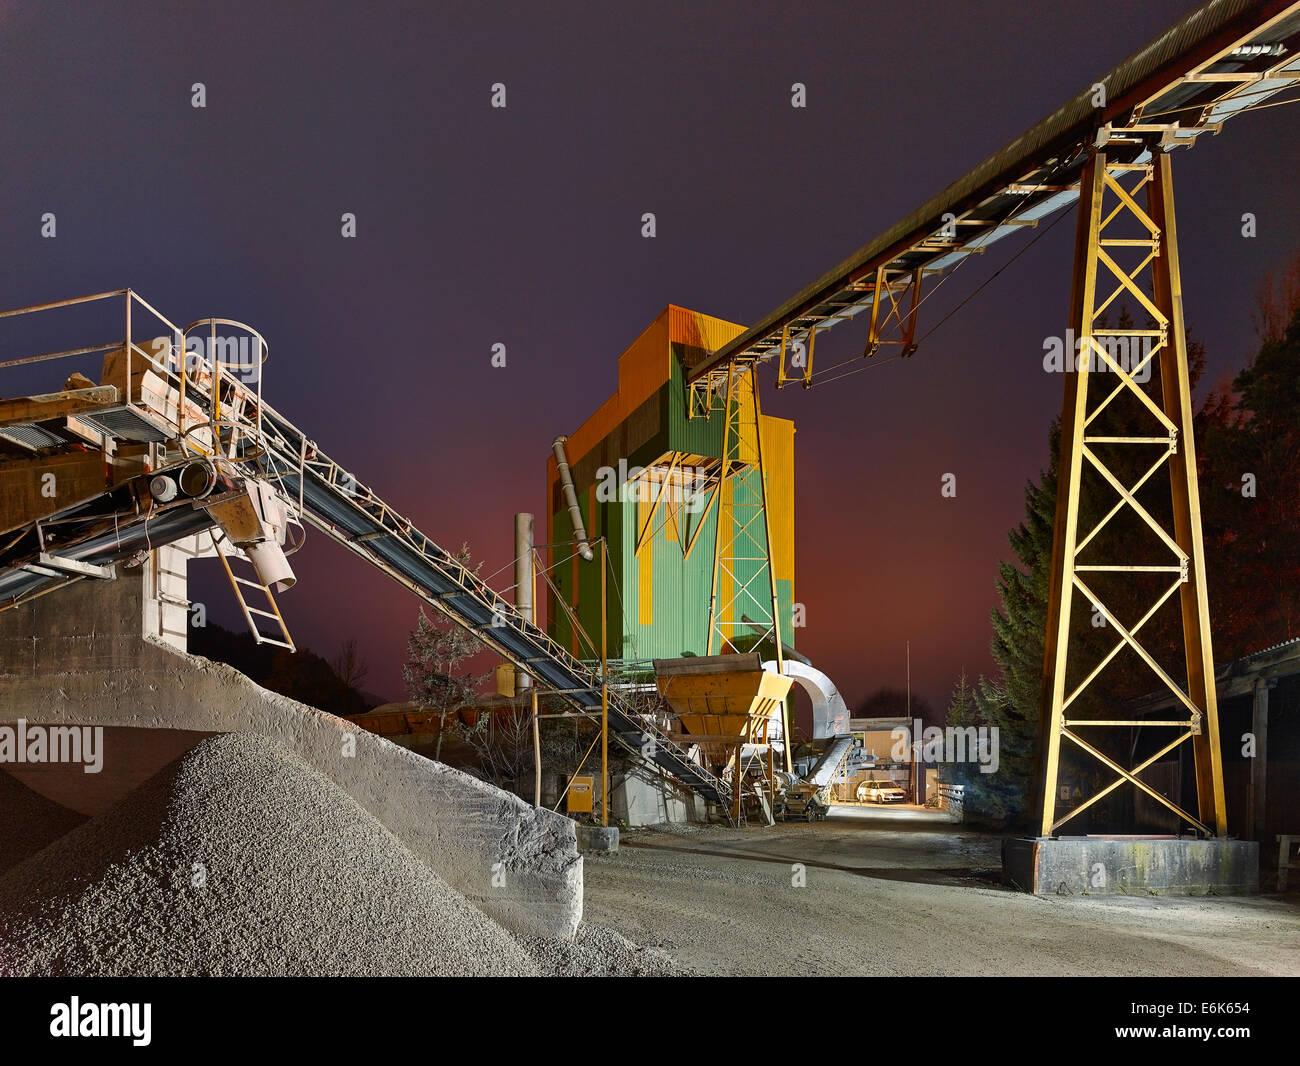 Cinta transportadora en una planta de grava, la producción de asfalto, al anochecer, Wörgl, Tirol, Austria Imagen De Stock